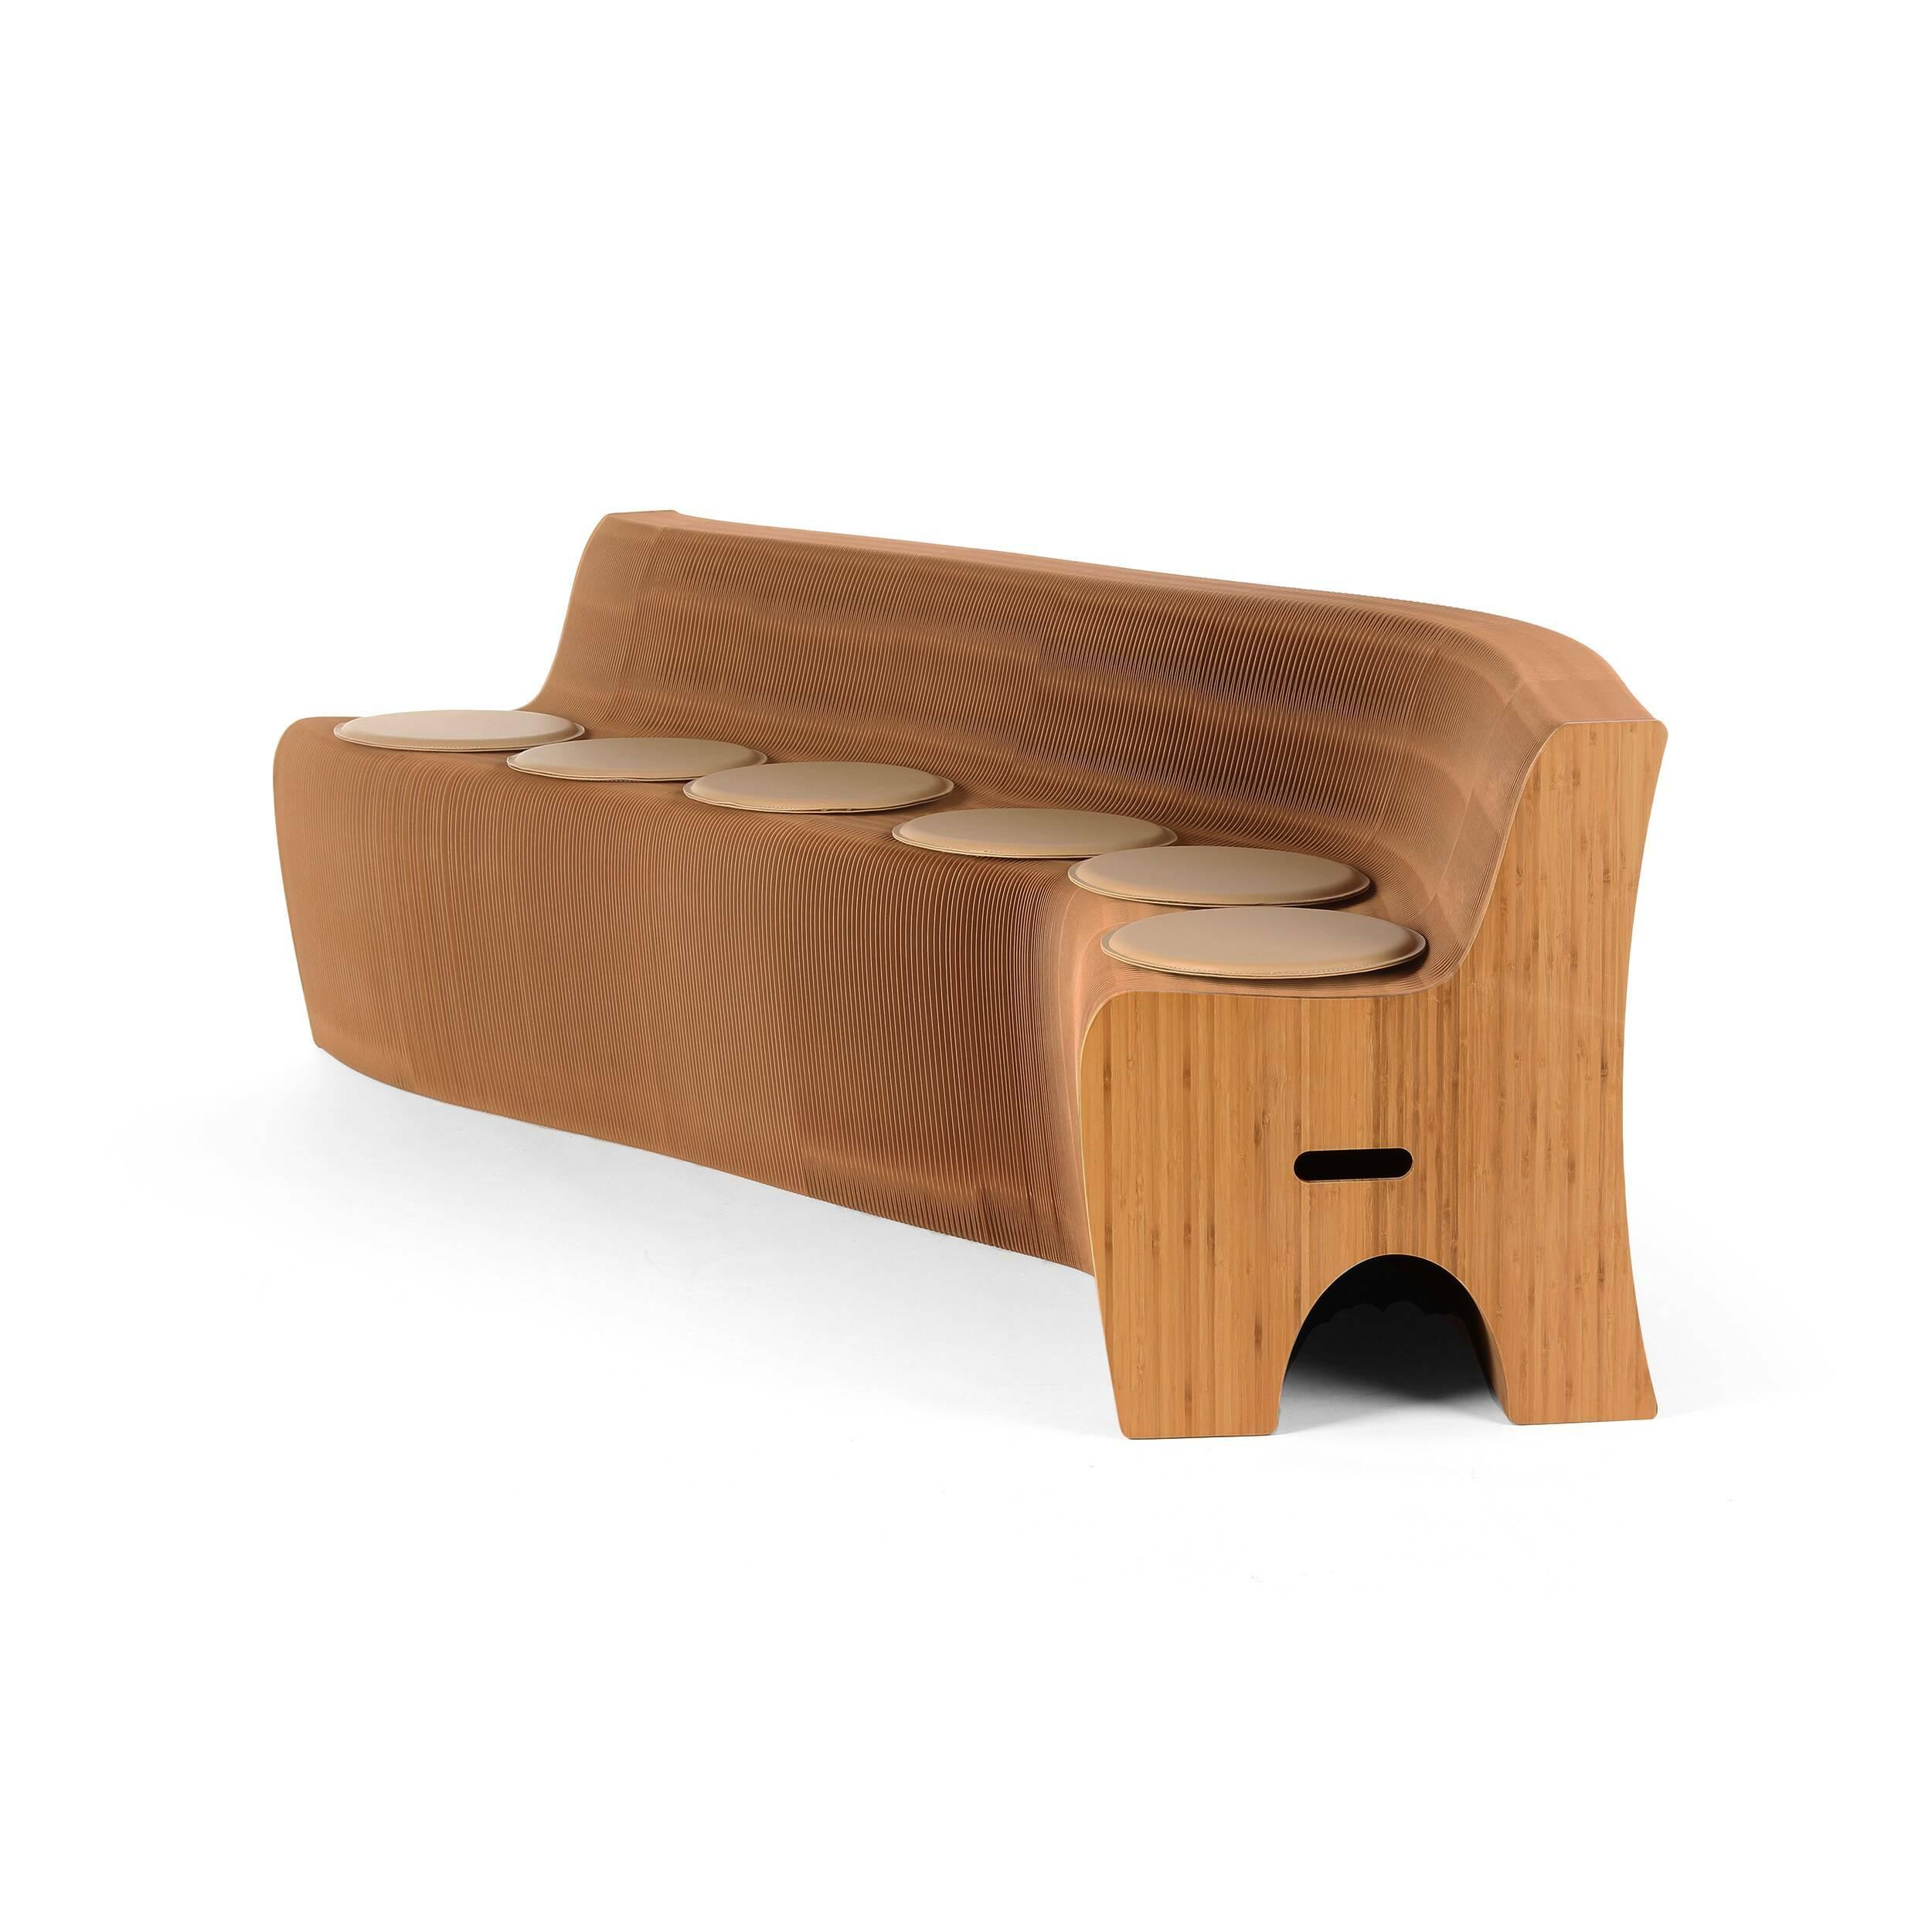 Диван бумажный на 12 персонТрехместные<br>Мебель из спрессованной бумаги — это потрясающее изобретение XXI века. Она идеально подходит для современных просторных и легких интерьеров. Диван бумажный на 12 персон — это универсальное решение для дома или дачи, где вы сможете с удобством рассадить всех ваших гостей.<br><br><br> Диван бумажный на 12 персон представляет собой прочную бумажную конструкцию, напоминающую гармошку или самодельный веер. В сложенном виде он занимает совсем немного места и при необходимости может уместиться даже в...<br><br>stock: 4<br>Высота: 65<br>Глубина: 53<br>Длина: 18-600<br>Материал каркаса: Бумага<br>Цвет каркаса: Коричневый